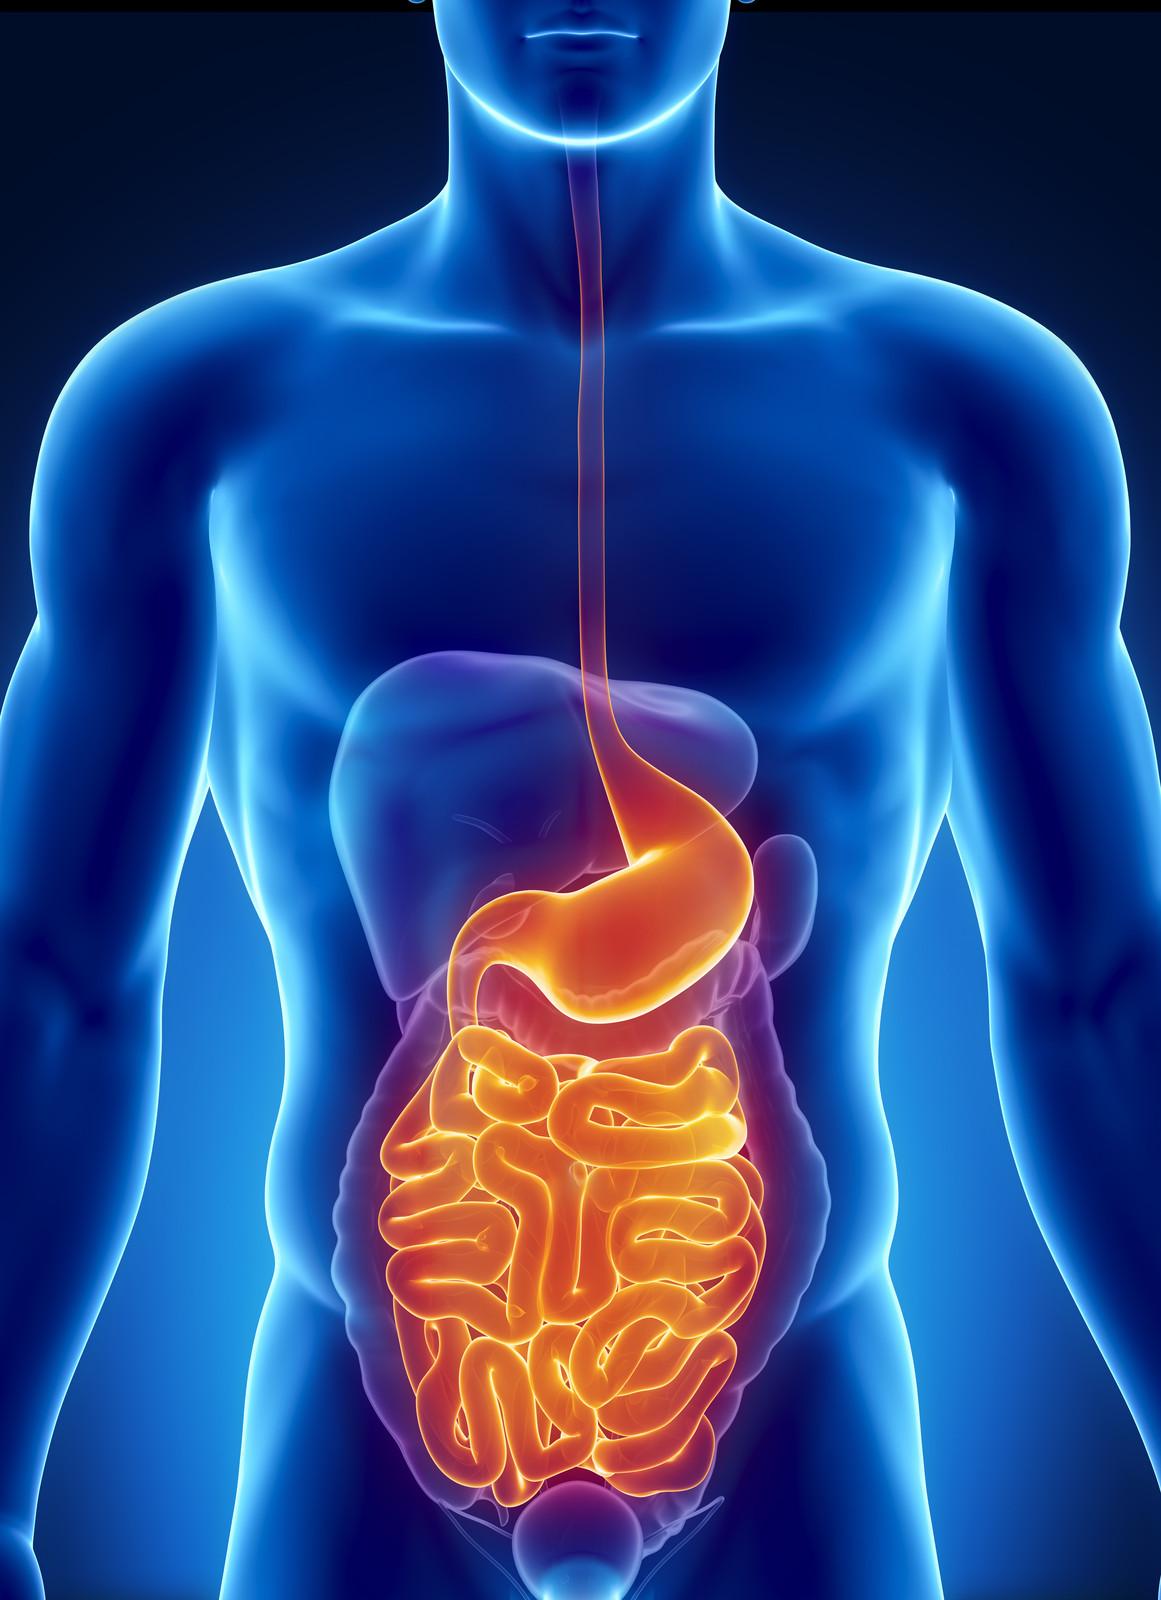 кишечник, болезни и оздоровление